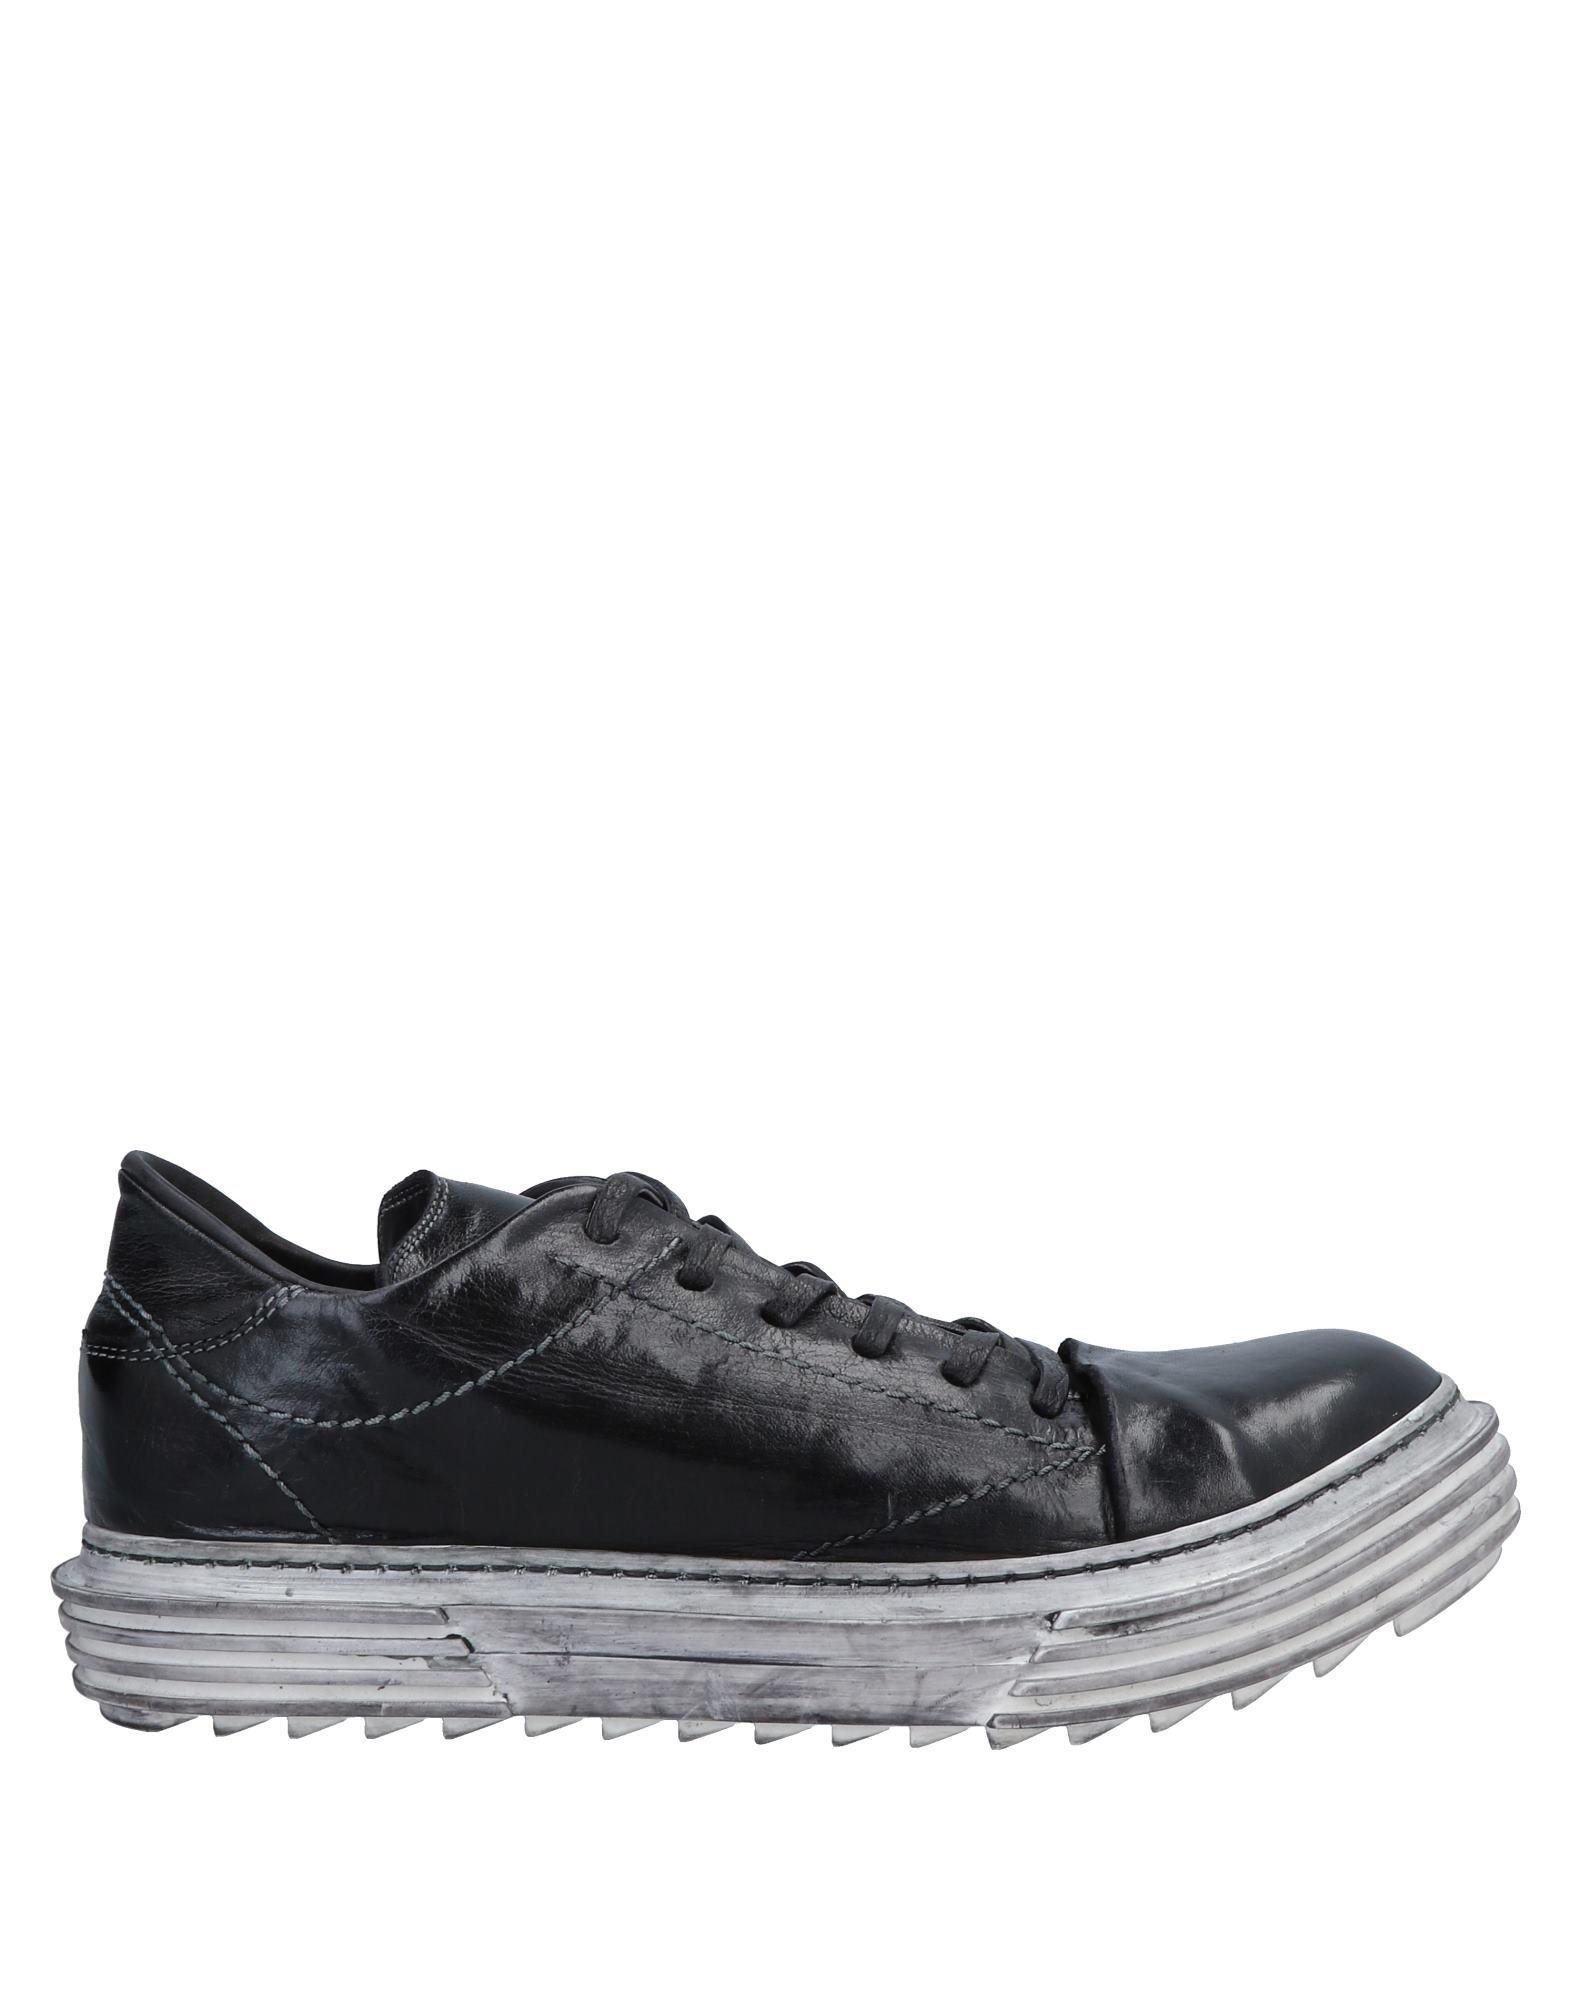 Artselab Sneakers United - Men Artselab Sneakers online on  United Sneakers Kingdom - 11564663WC 014cdb